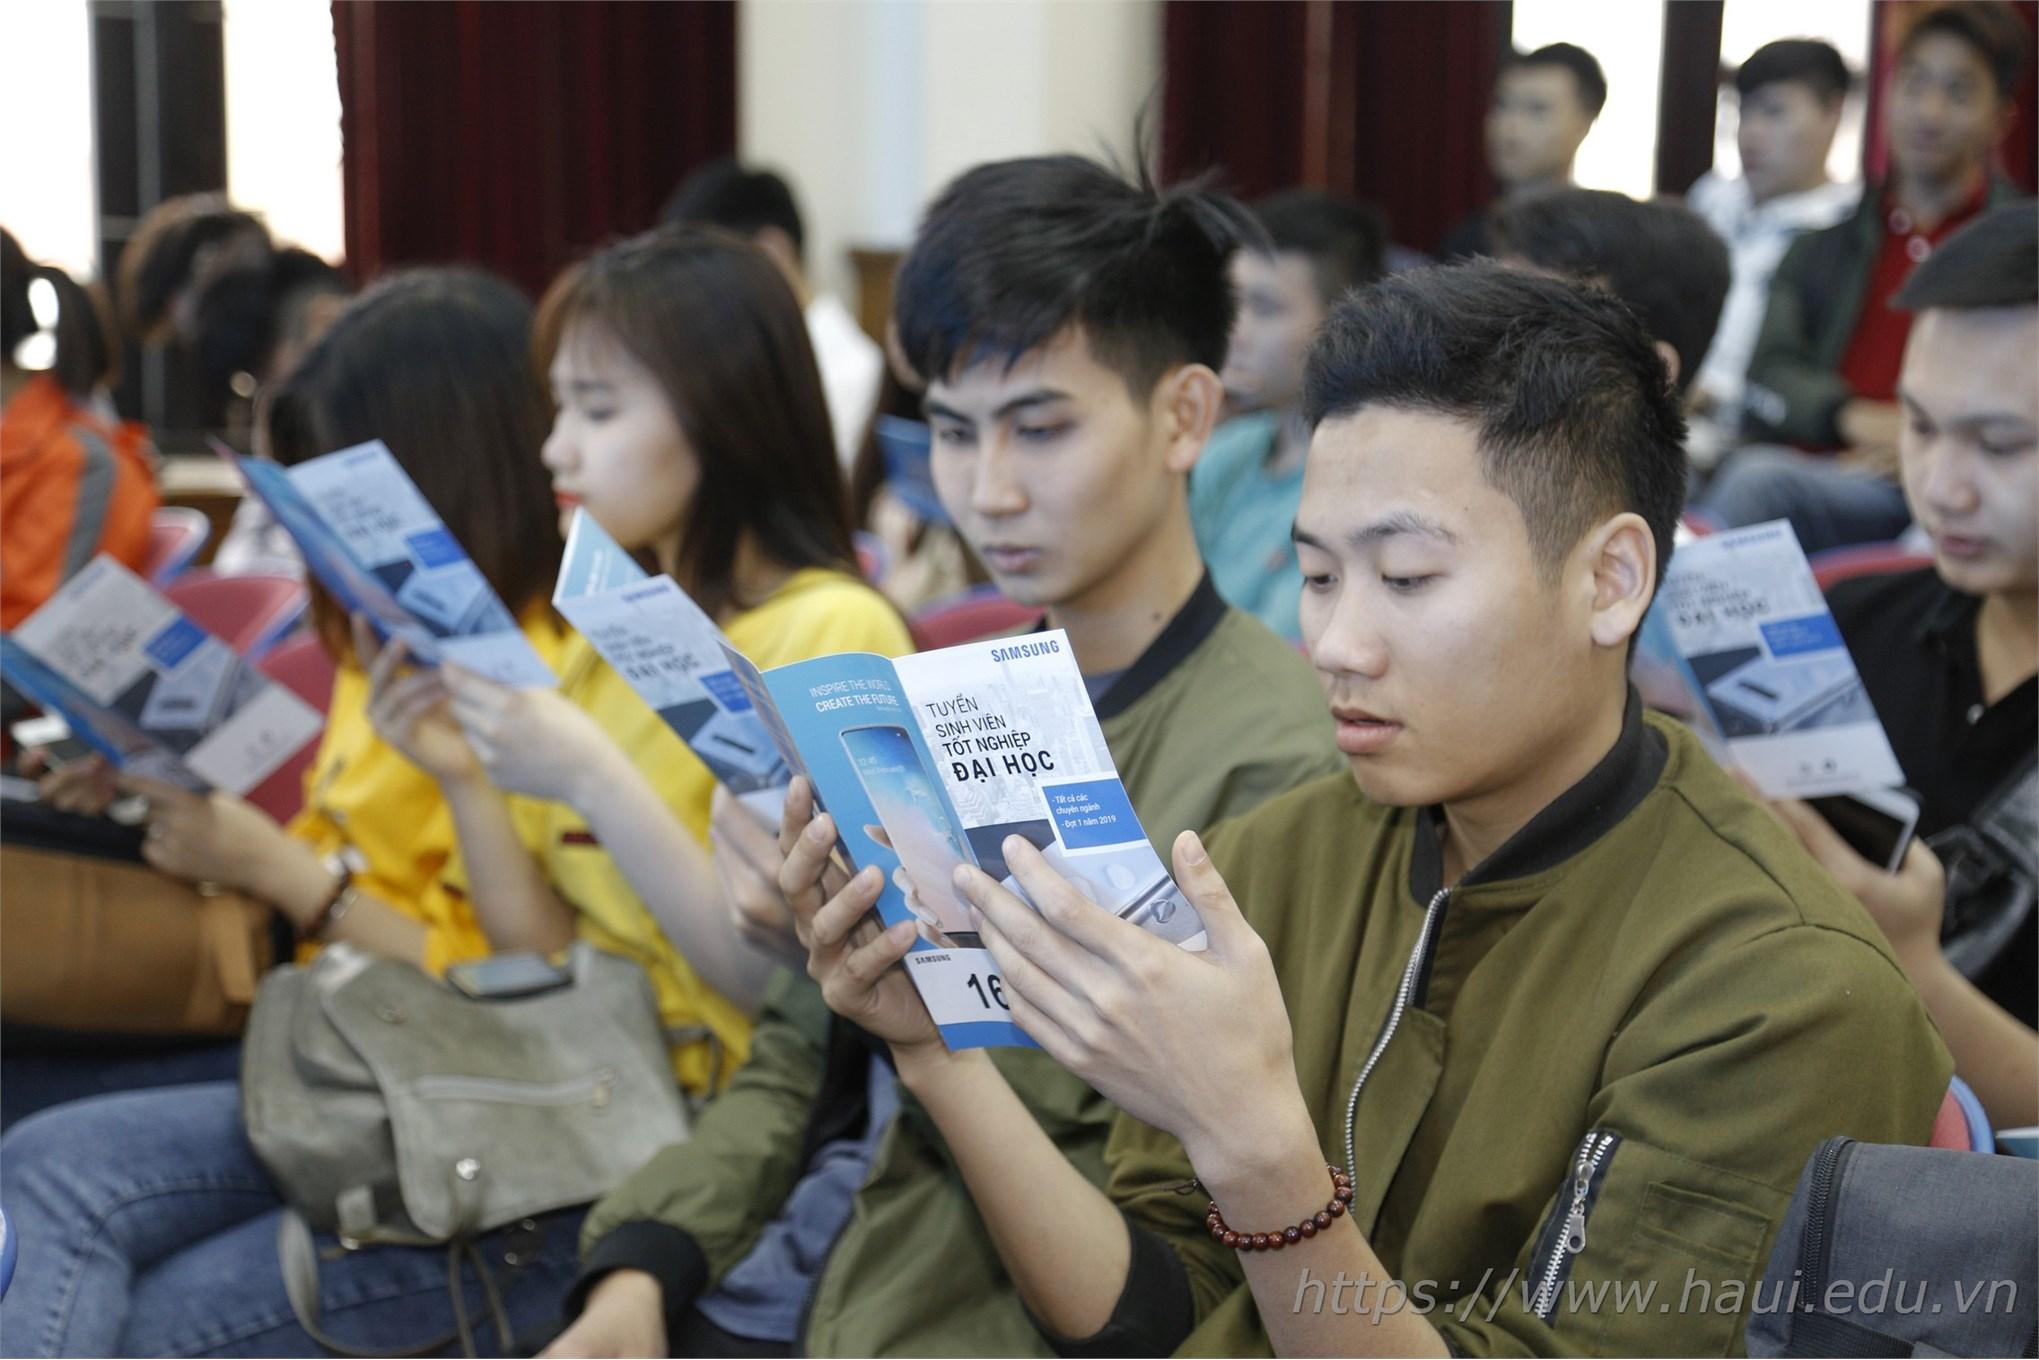 Nhiều cơ hội làm việc hấp dẫn tại Samsung Electronics cho sinh viên Đại học Công nghiệp Hà Nội